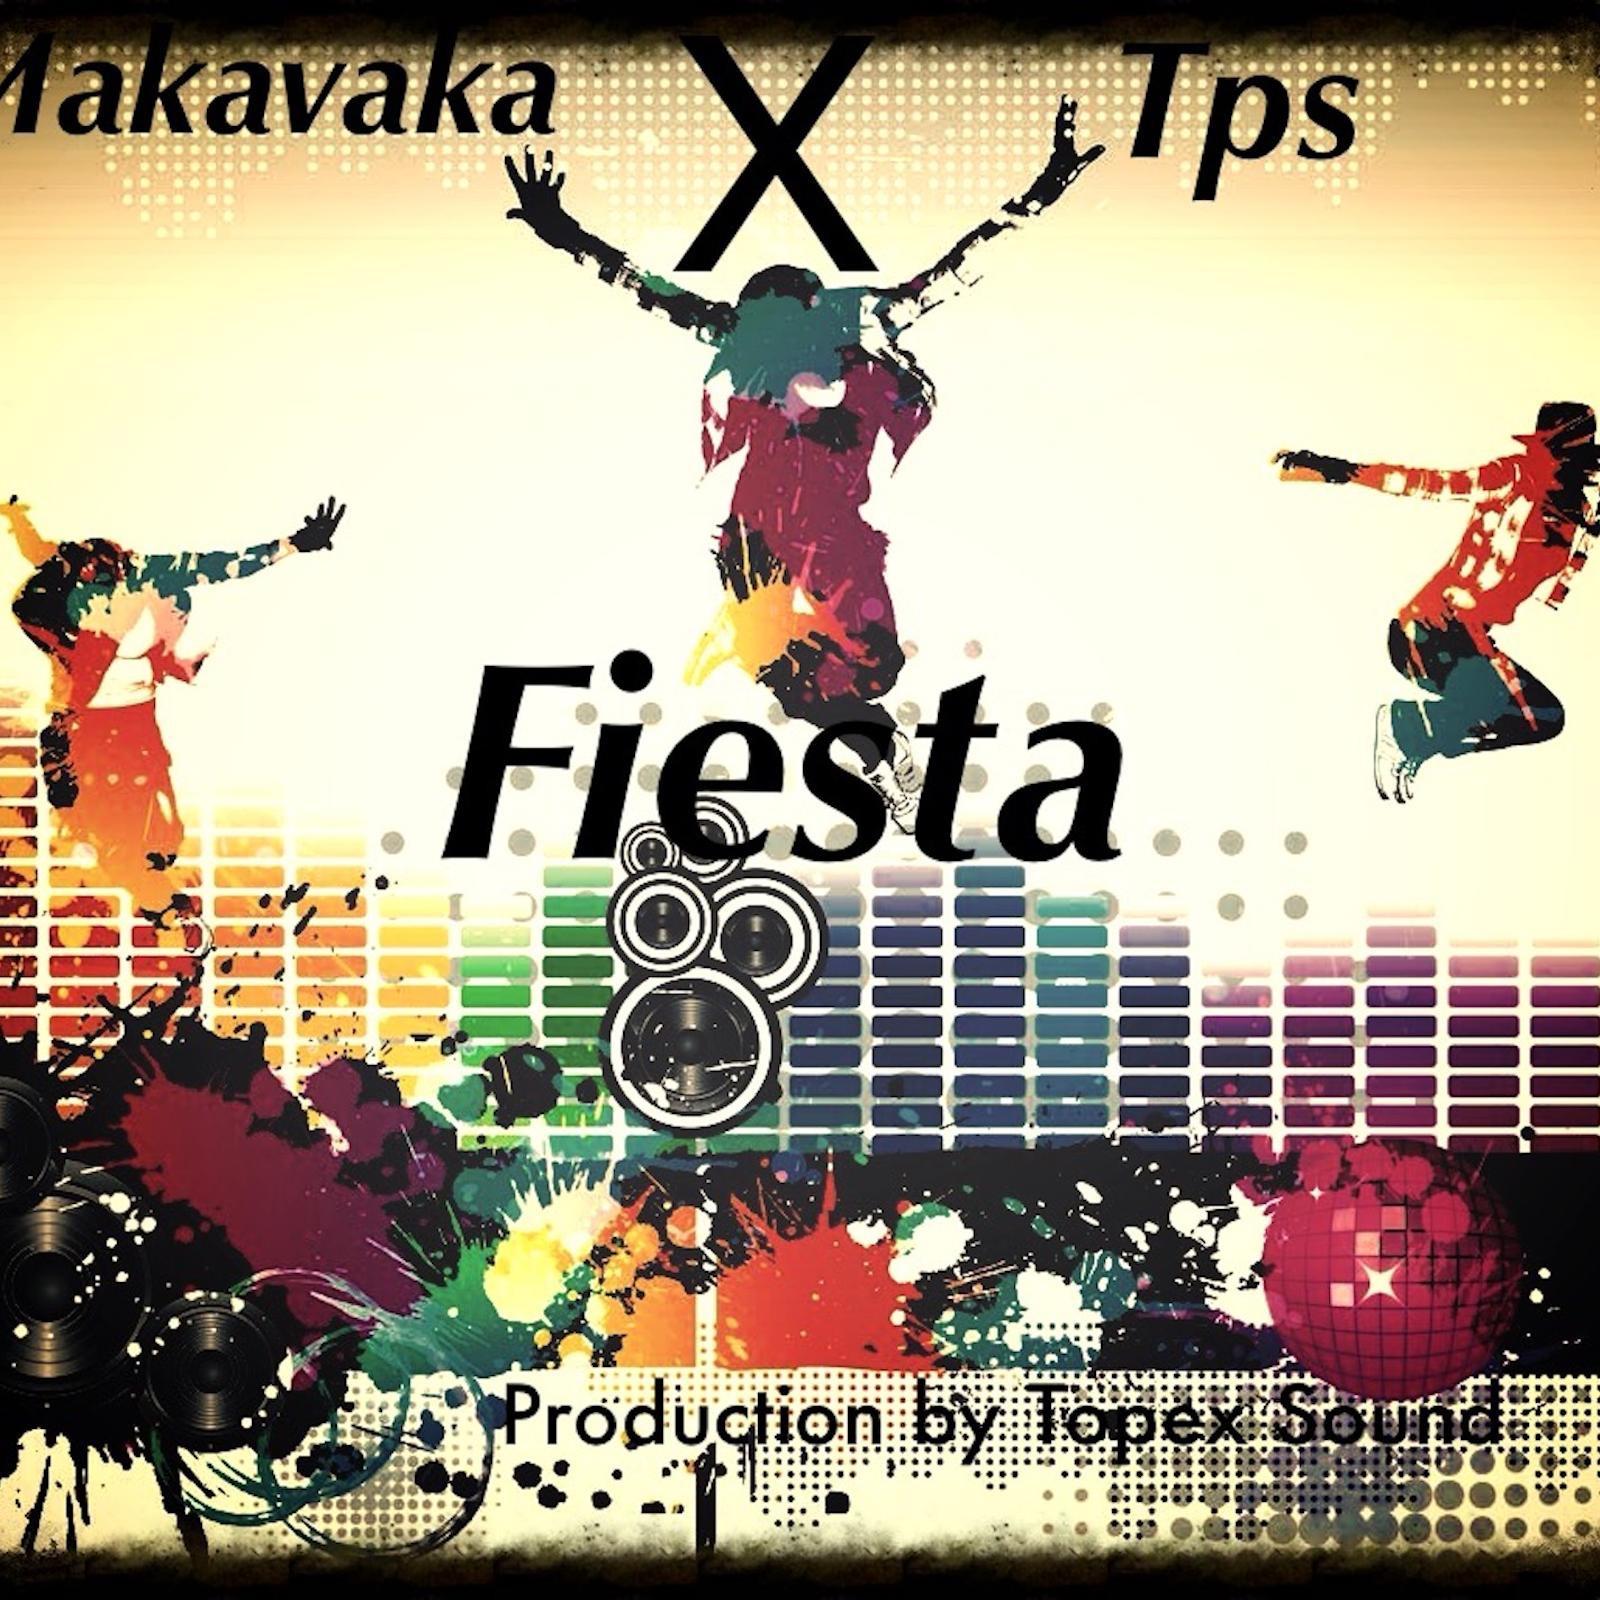 Fiesta (feat. Tps) - Single